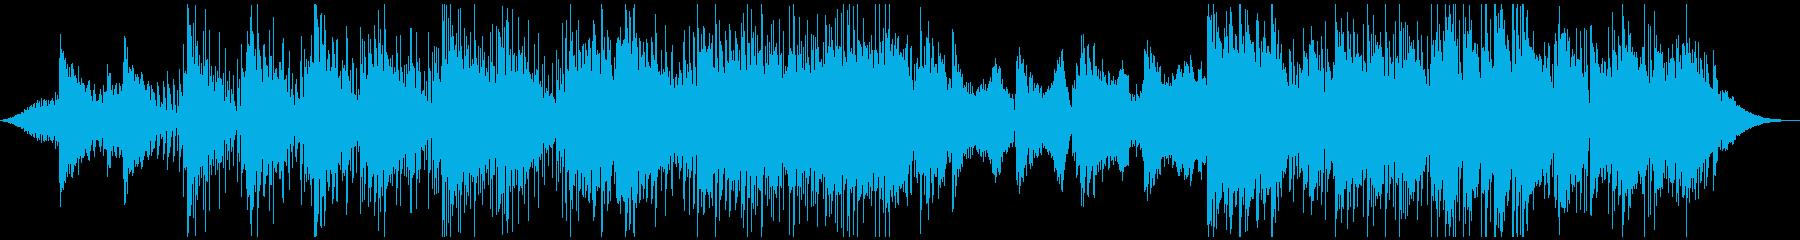 涼しげなボサノバ風味のポストロックの再生済みの波形